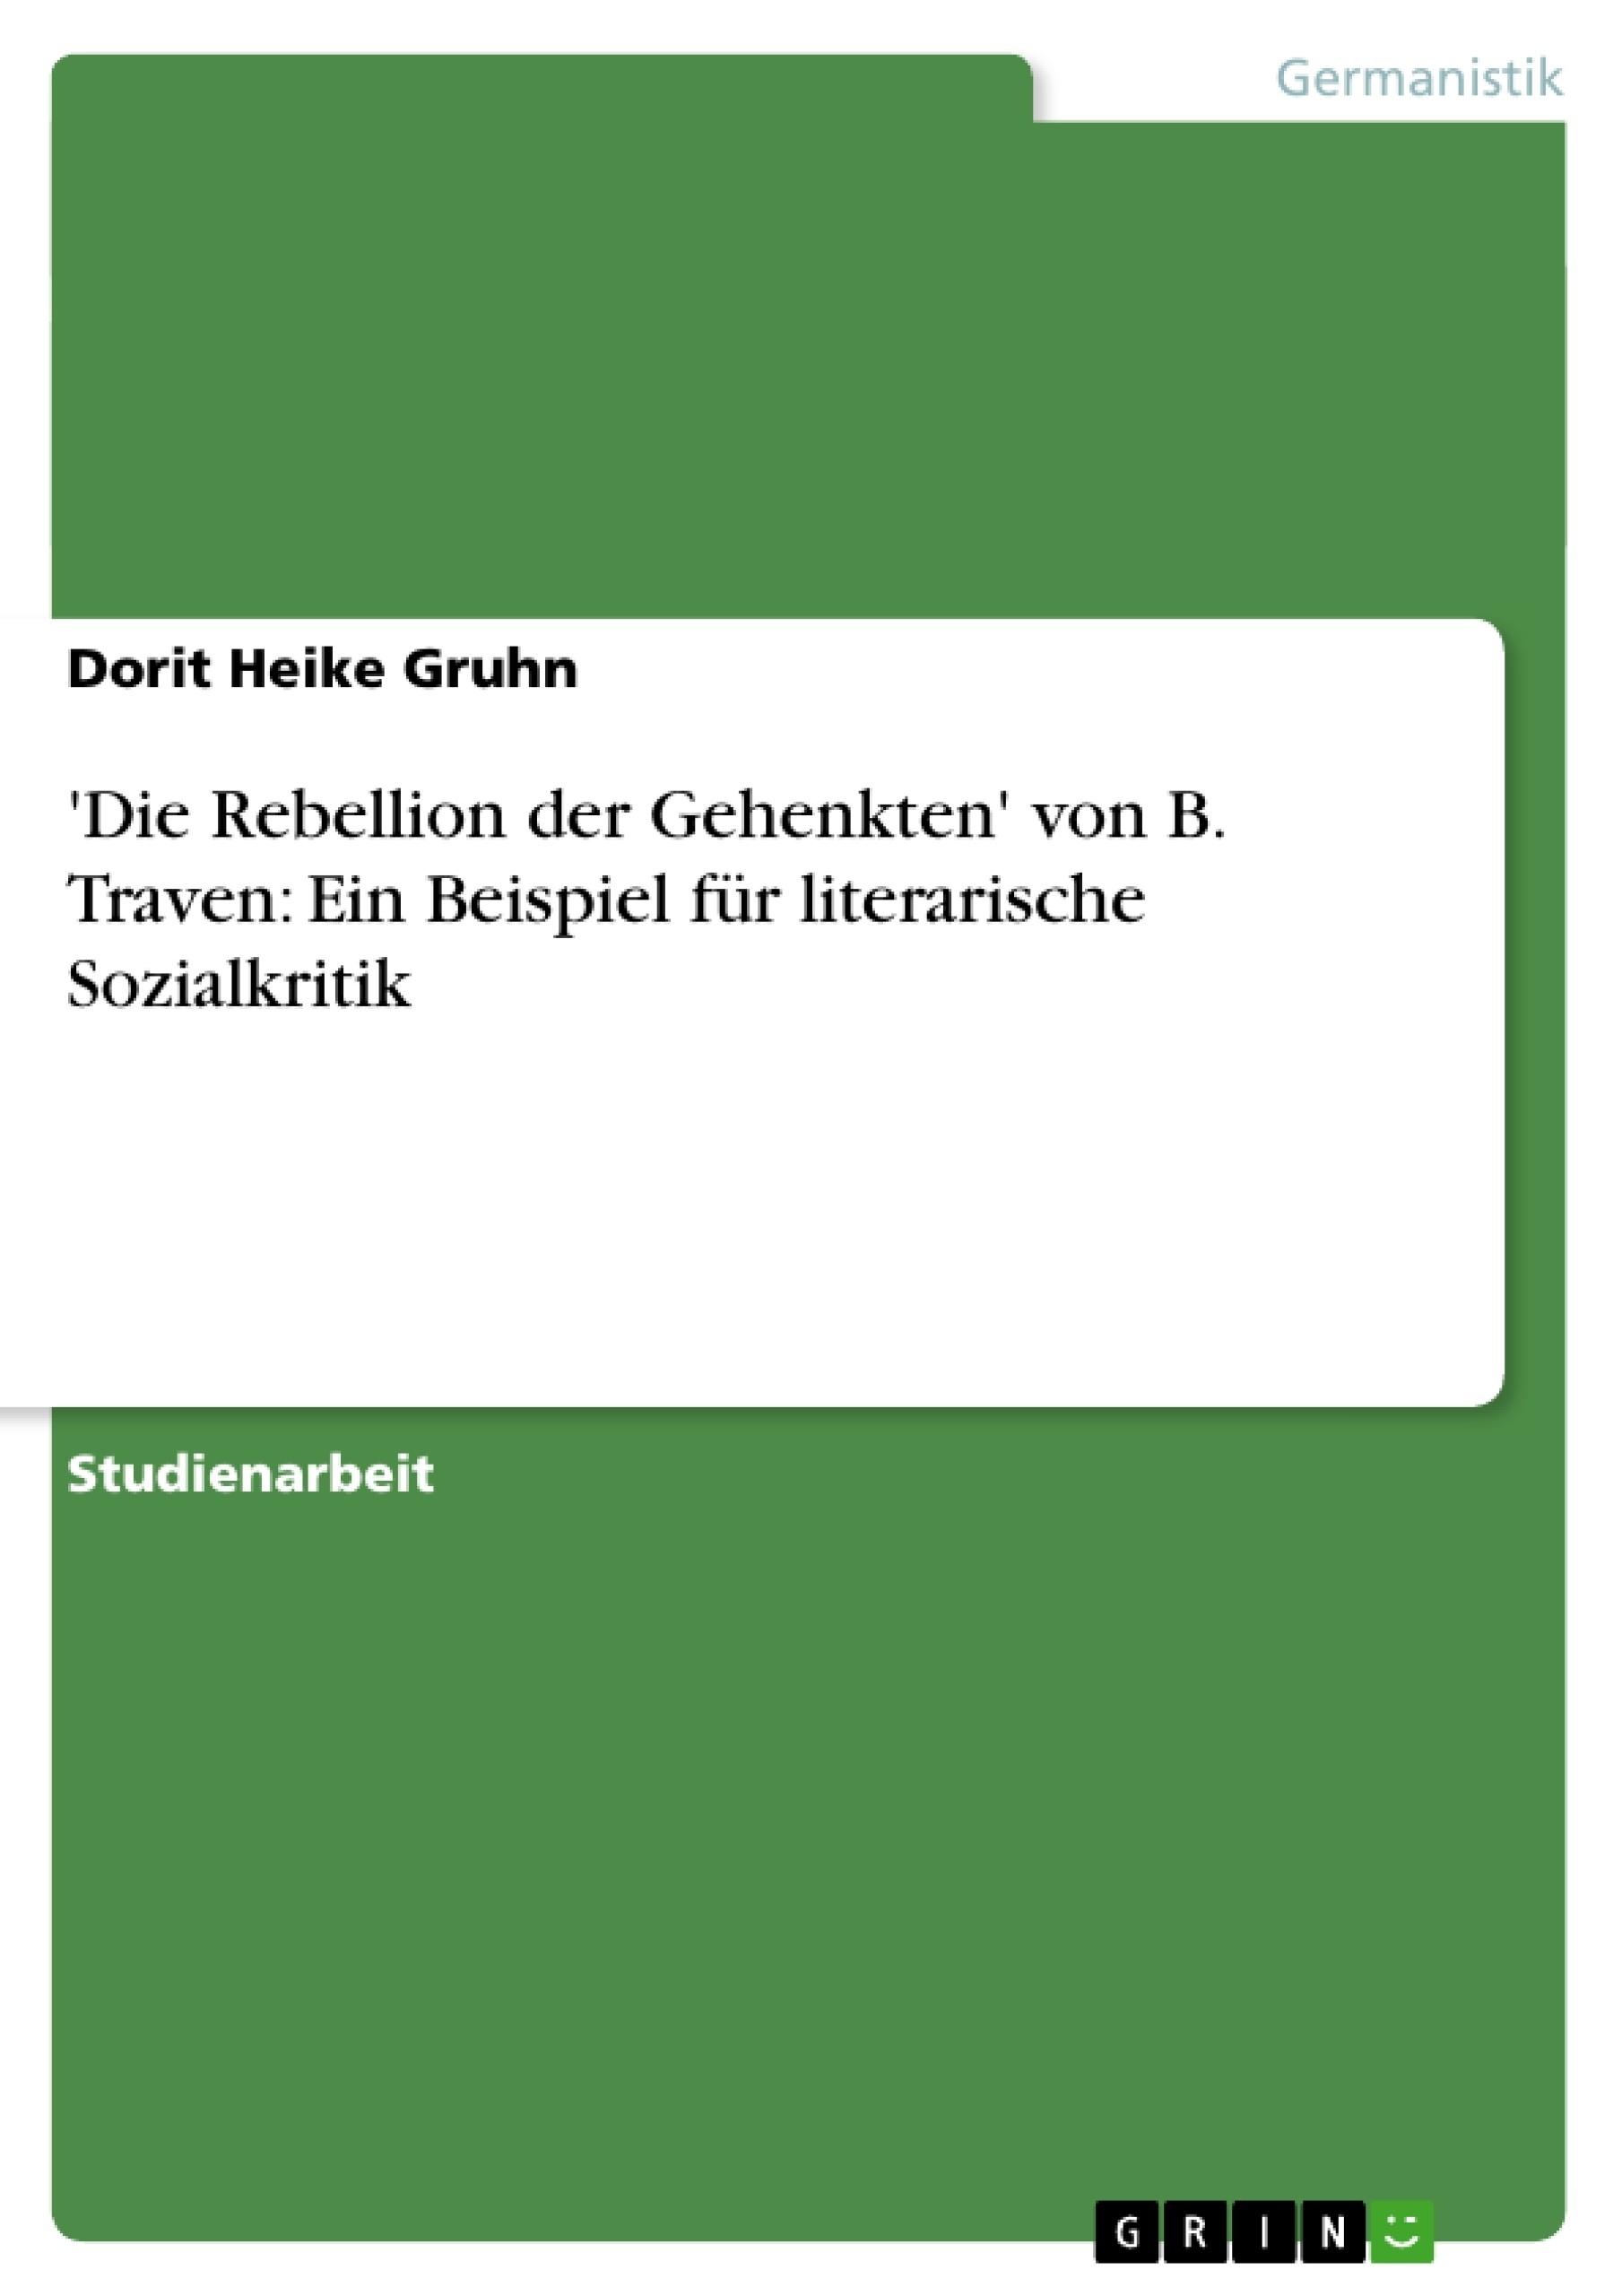 Titel: 'Die Rebellion der Gehenkten' von B. Traven: Ein Beispiel für literarische Sozialkritik